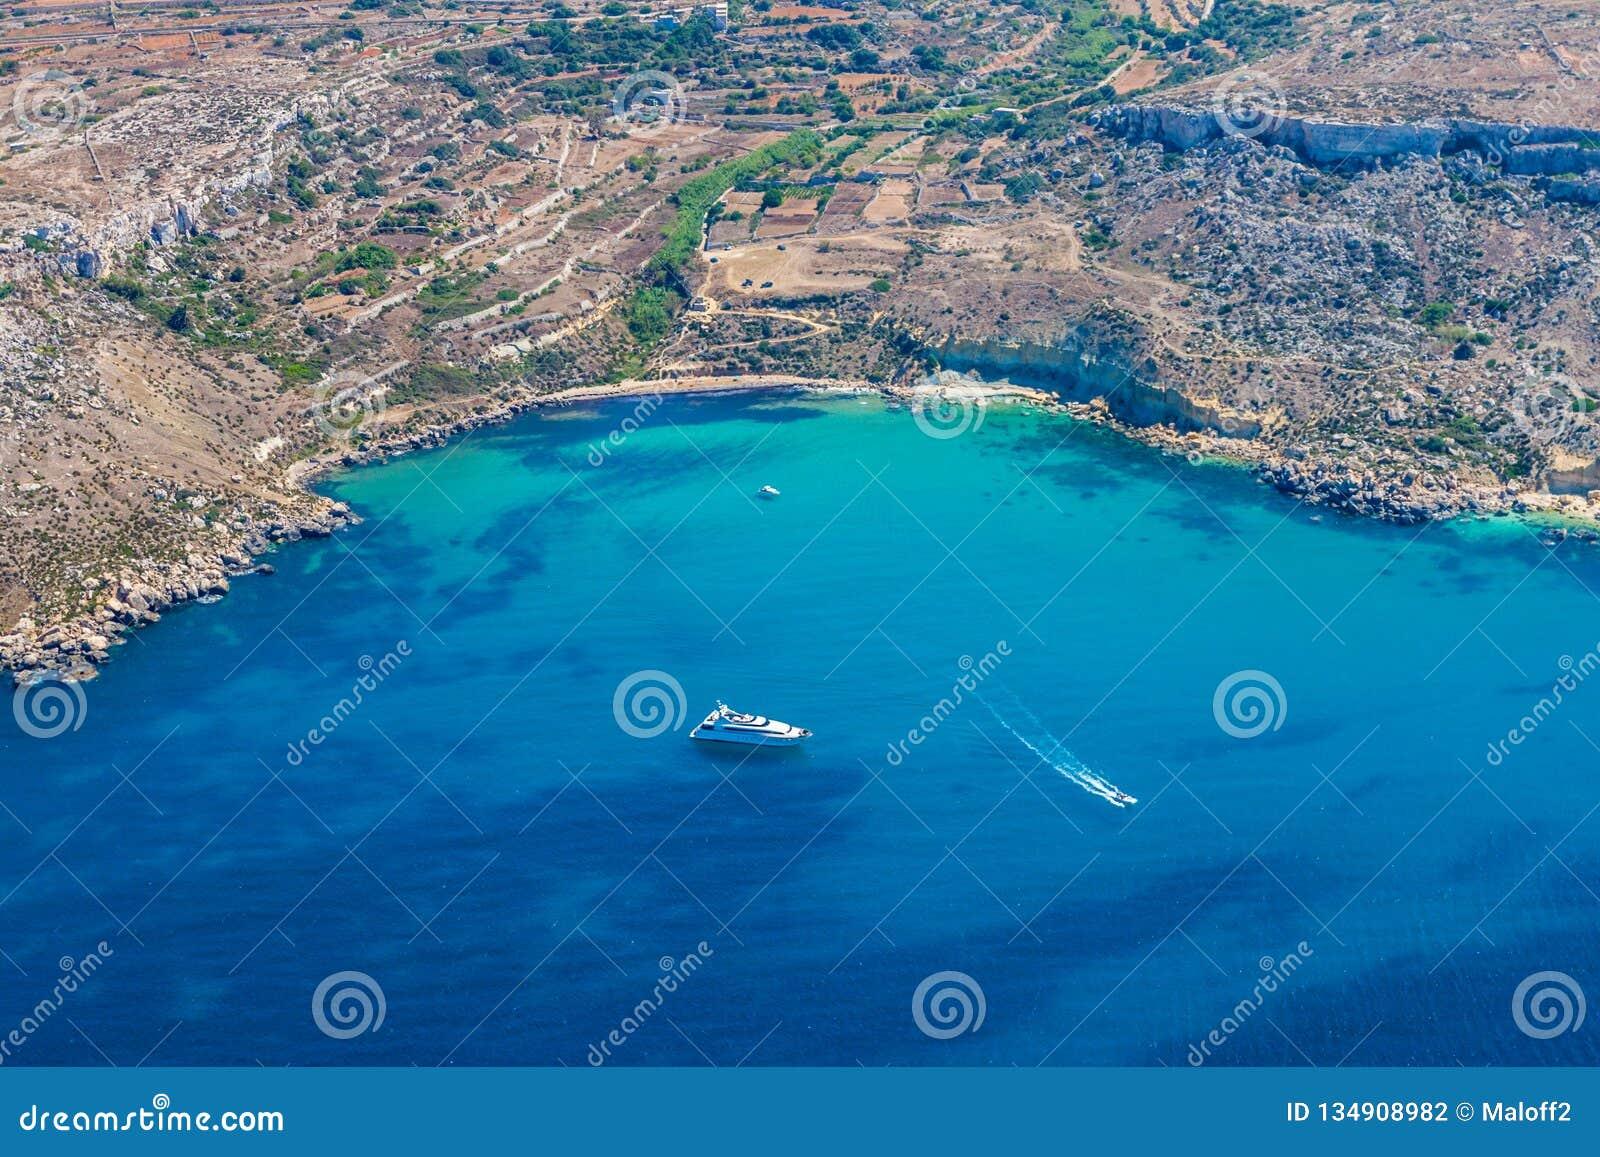 Mgiebah Trzymać na dystans, odosabniał zatoczkę dostępną, stromą, skalistą ścieżką z piaskowatej plaży i lazuru turkusu błękitne